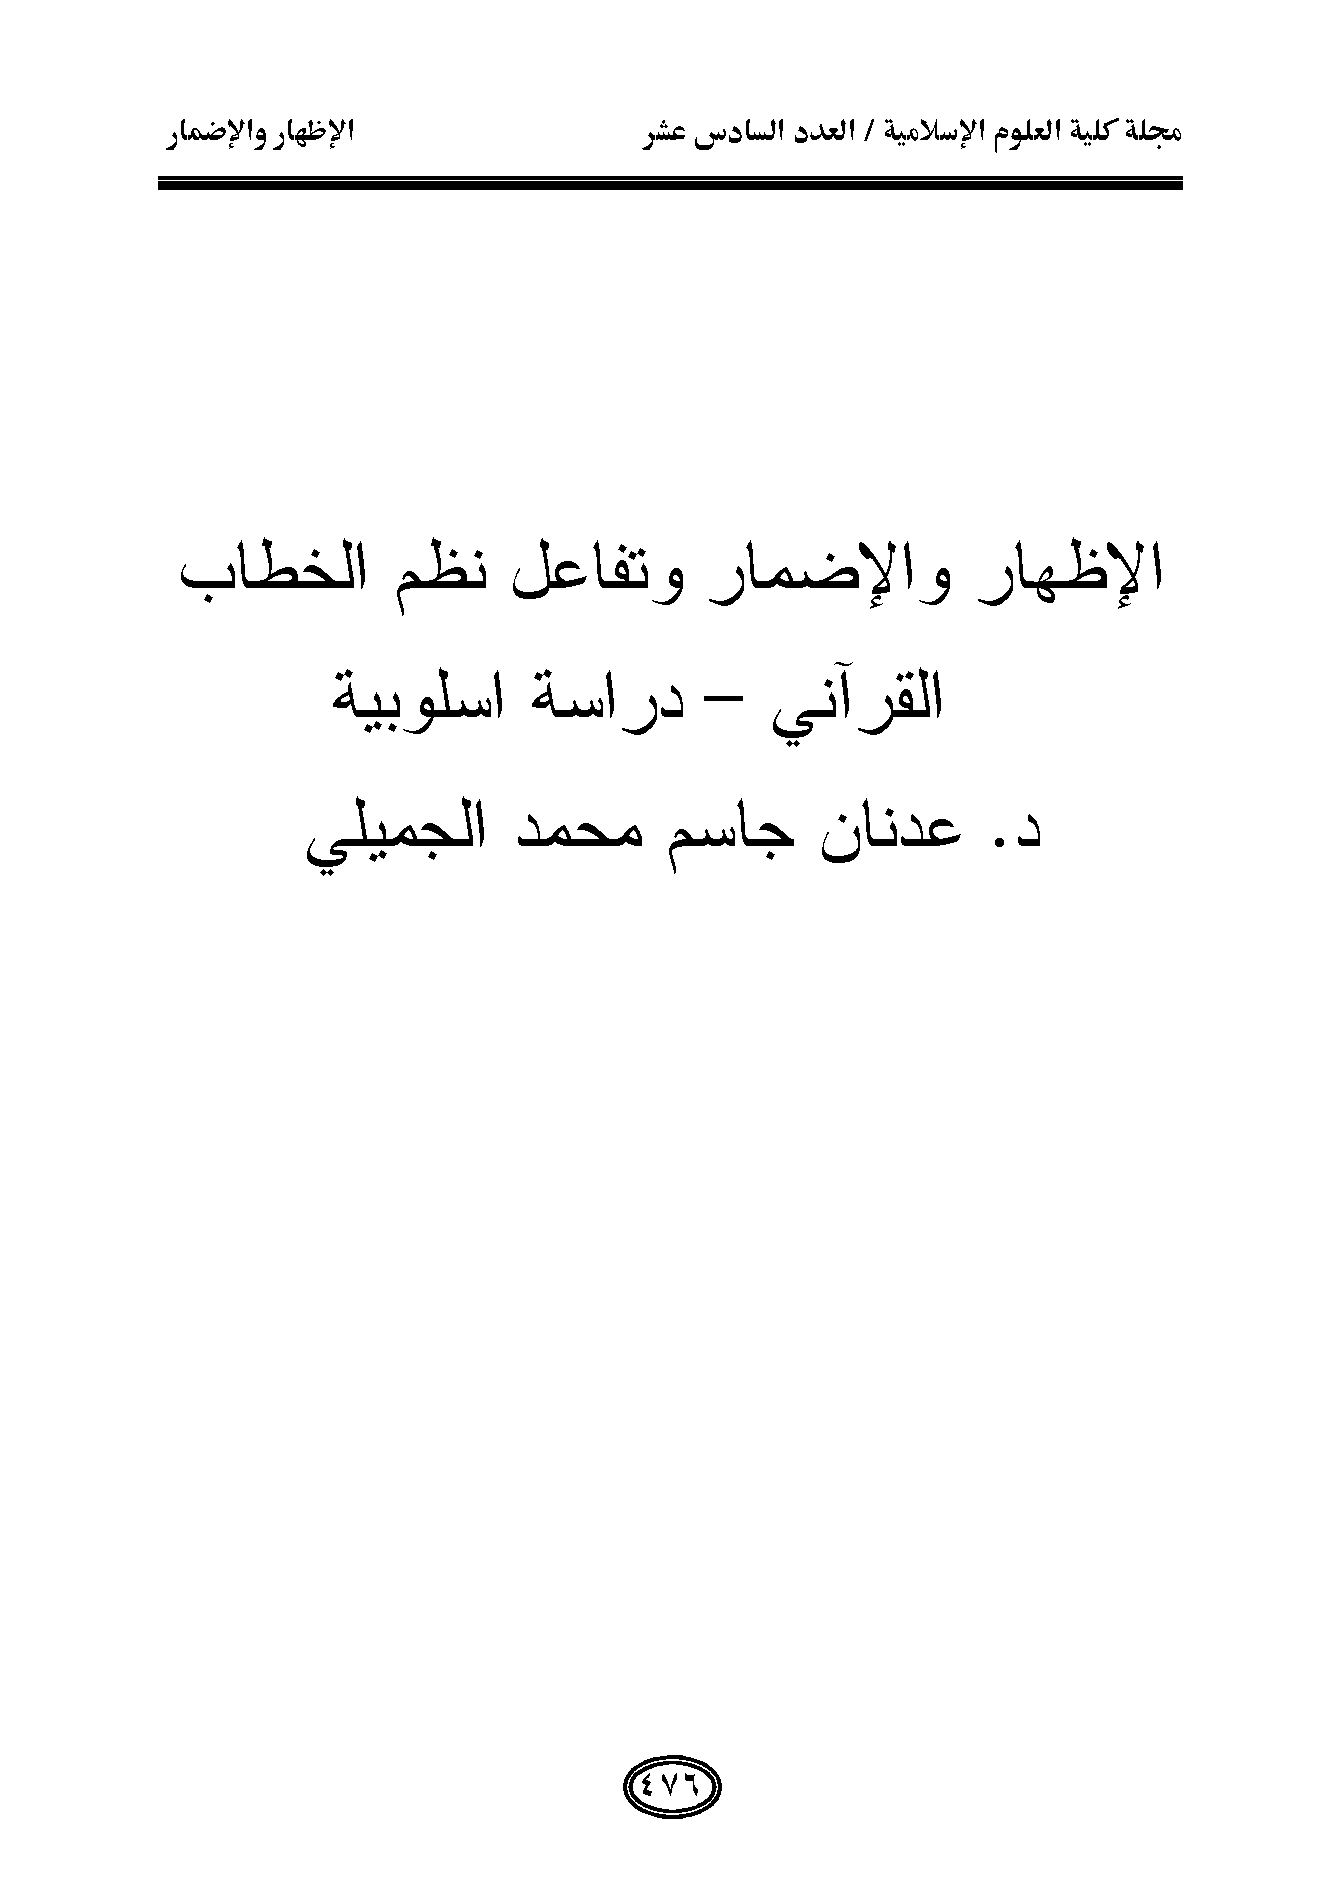 تحميل كتاب الإظهار والإضمار وتفاعل نظم الخطاب القرآني (دراسة أسلوبية) لـِ: الدكتور عدنان جاسم محمد الجميلي